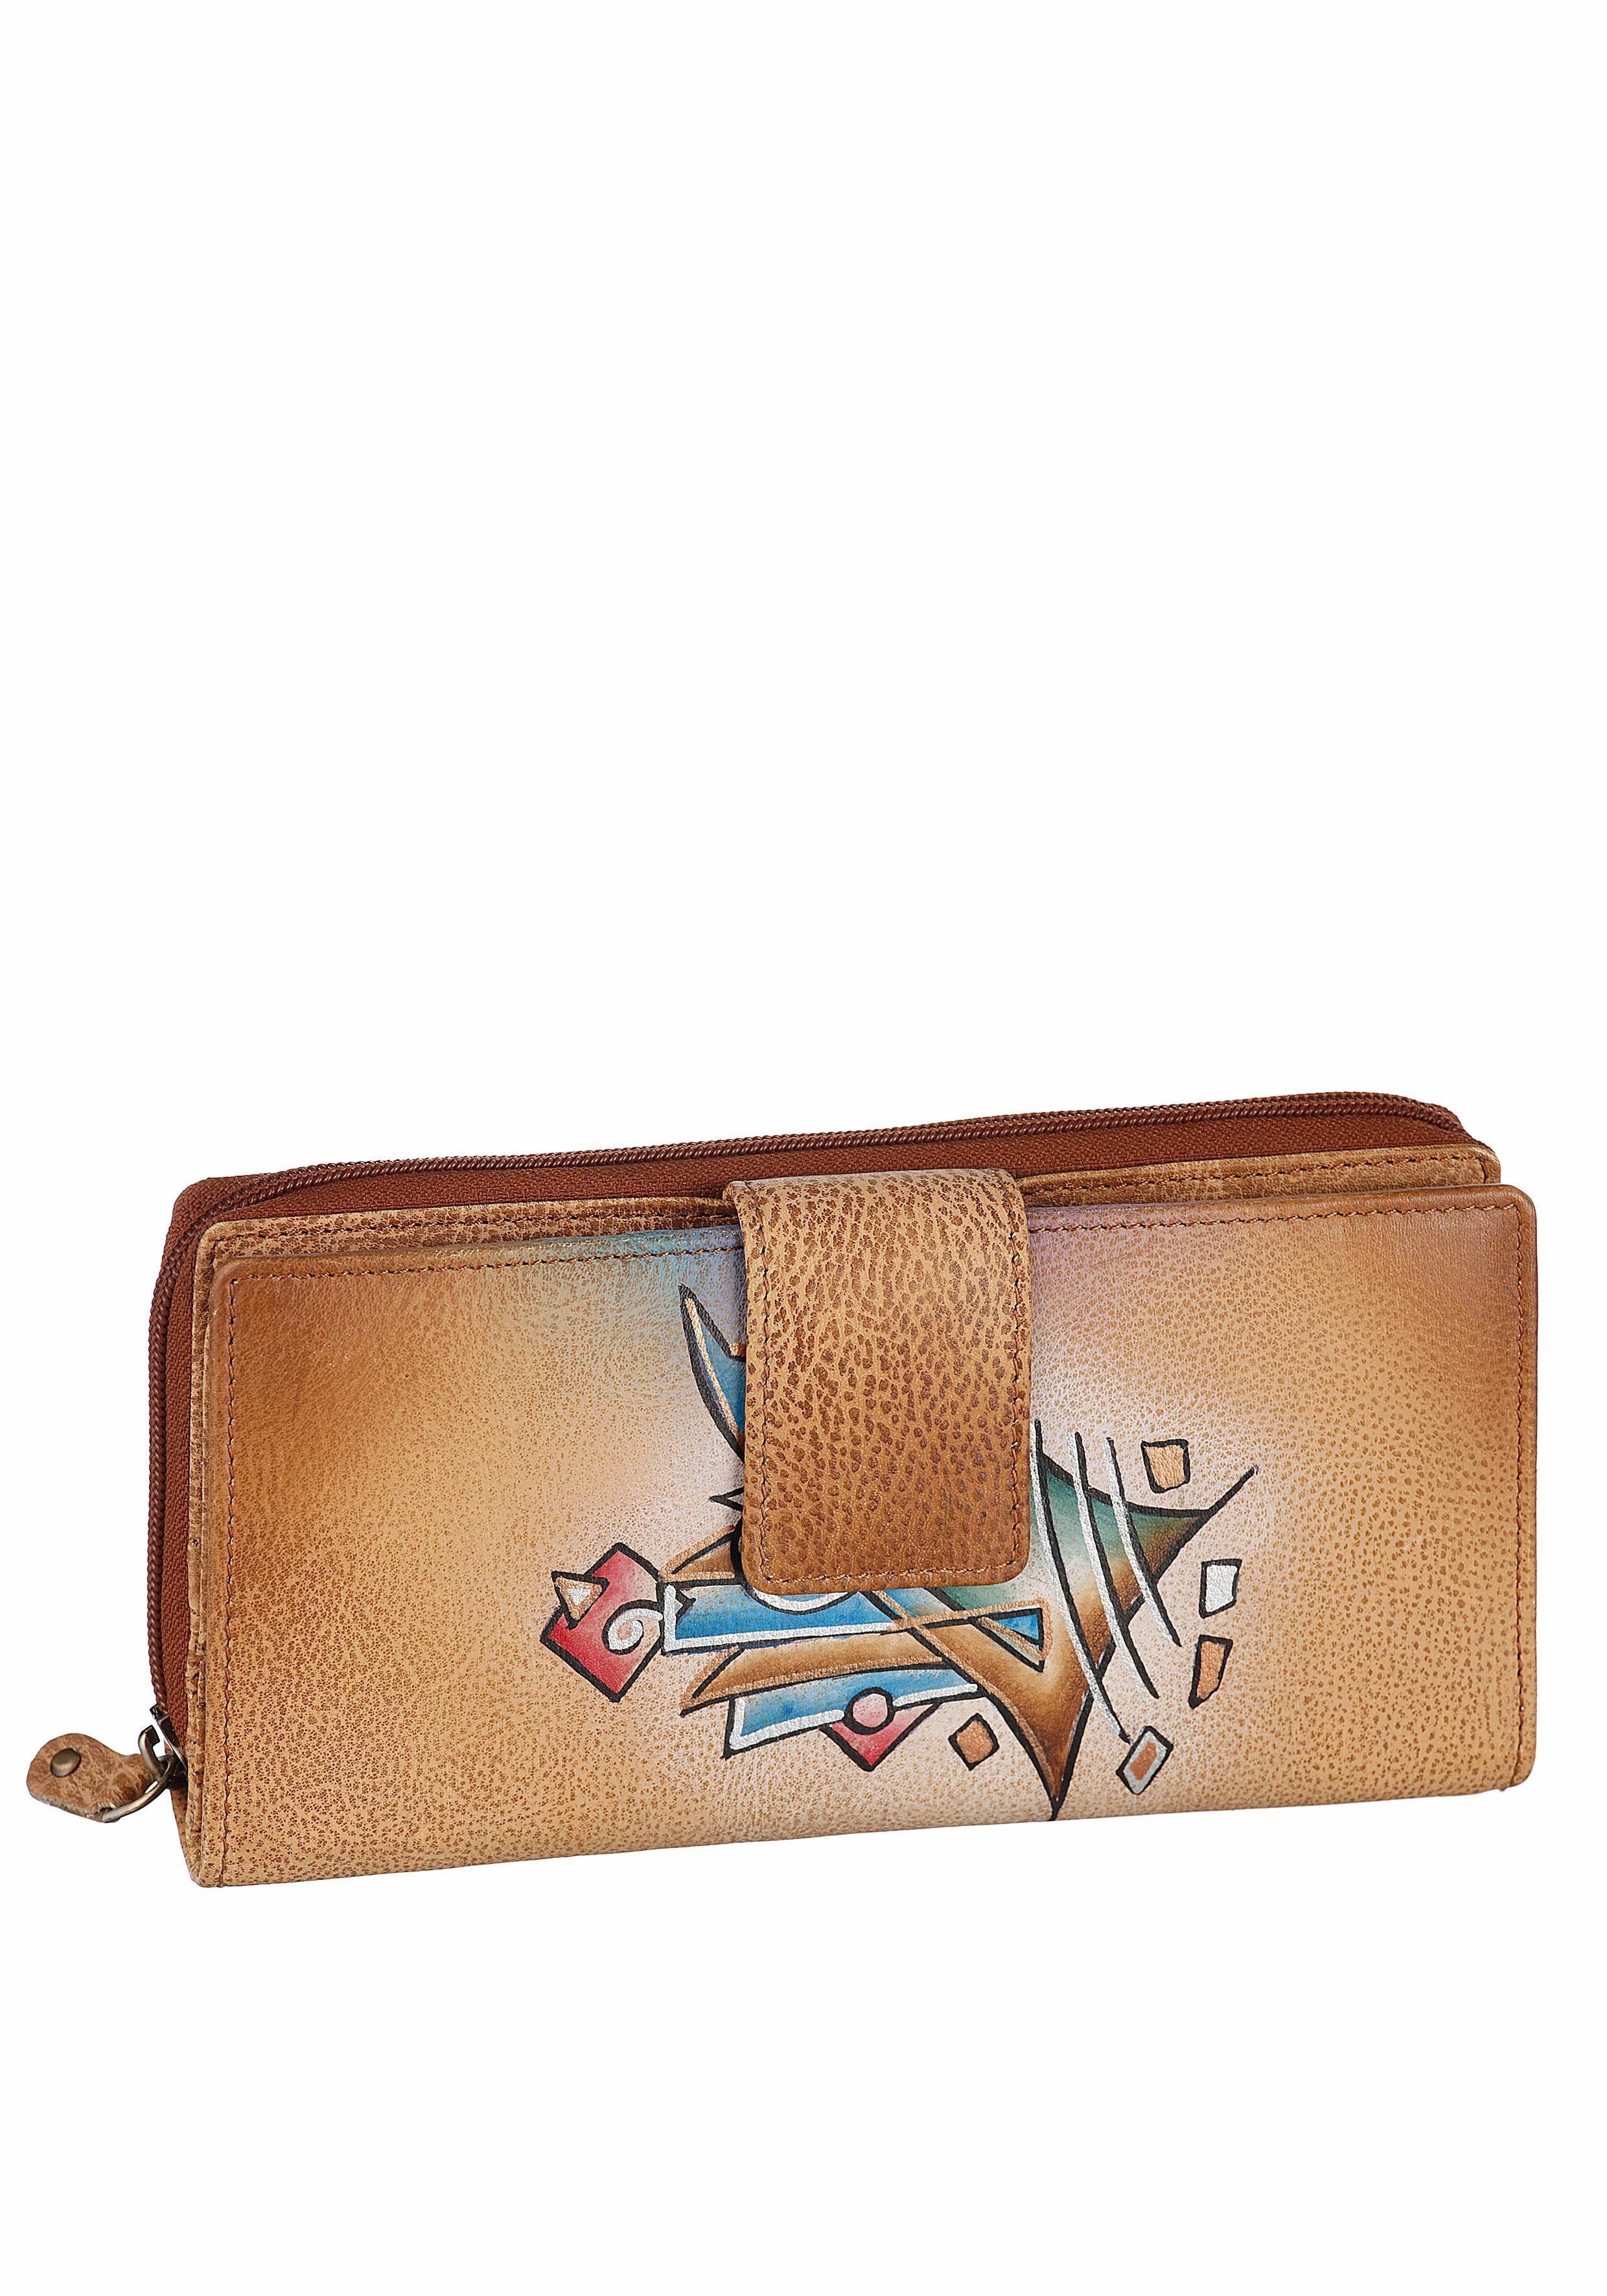 Art & Craft Geldbörse, aus echtem Leder mit sehr viel Kartenfächer